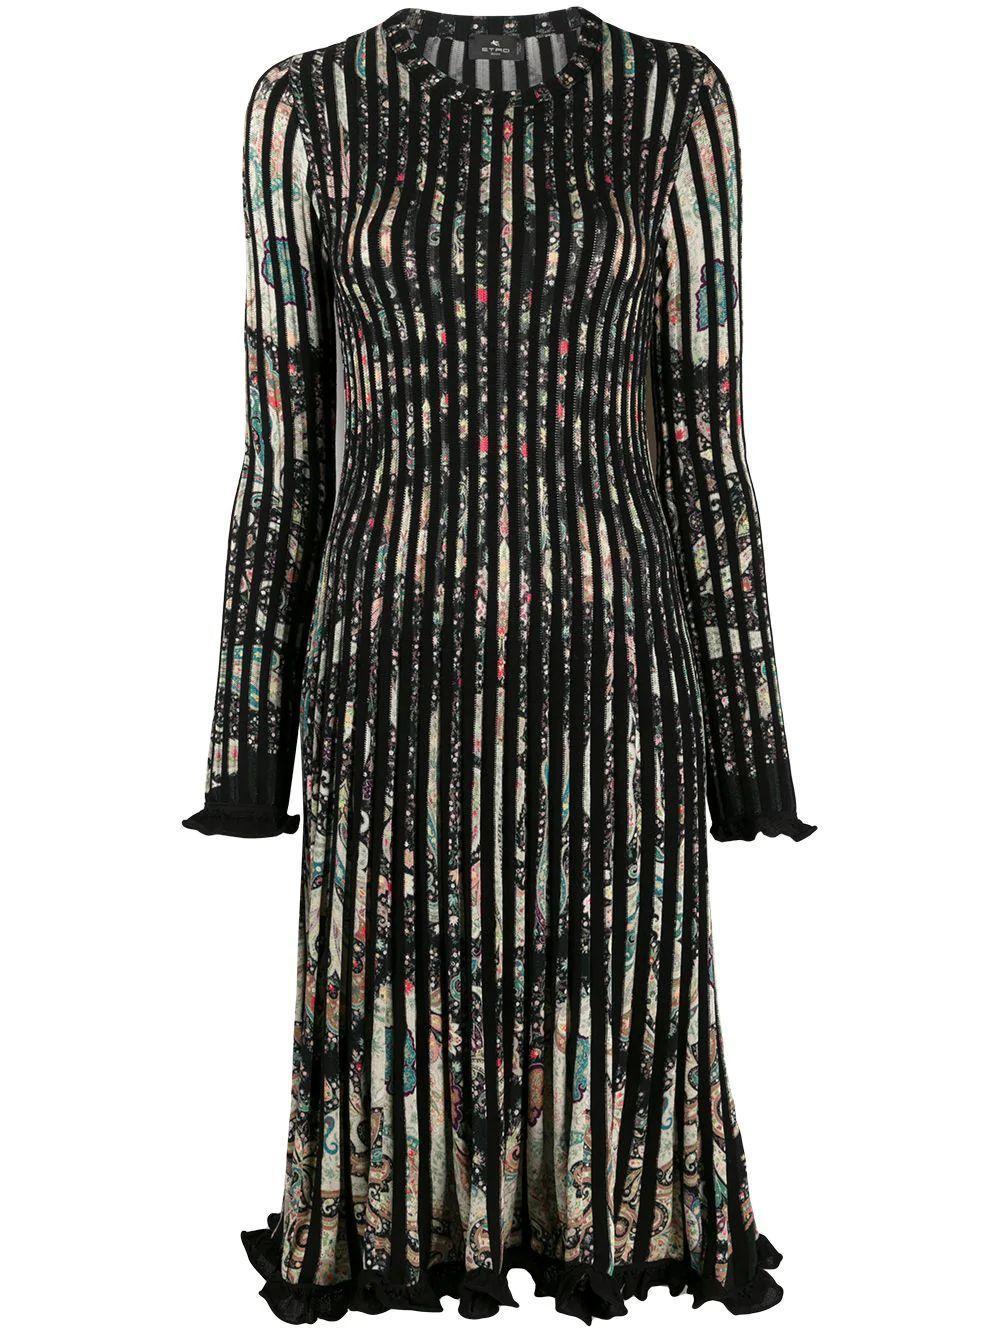 Maglia Knit Dress Item # 19403-9148